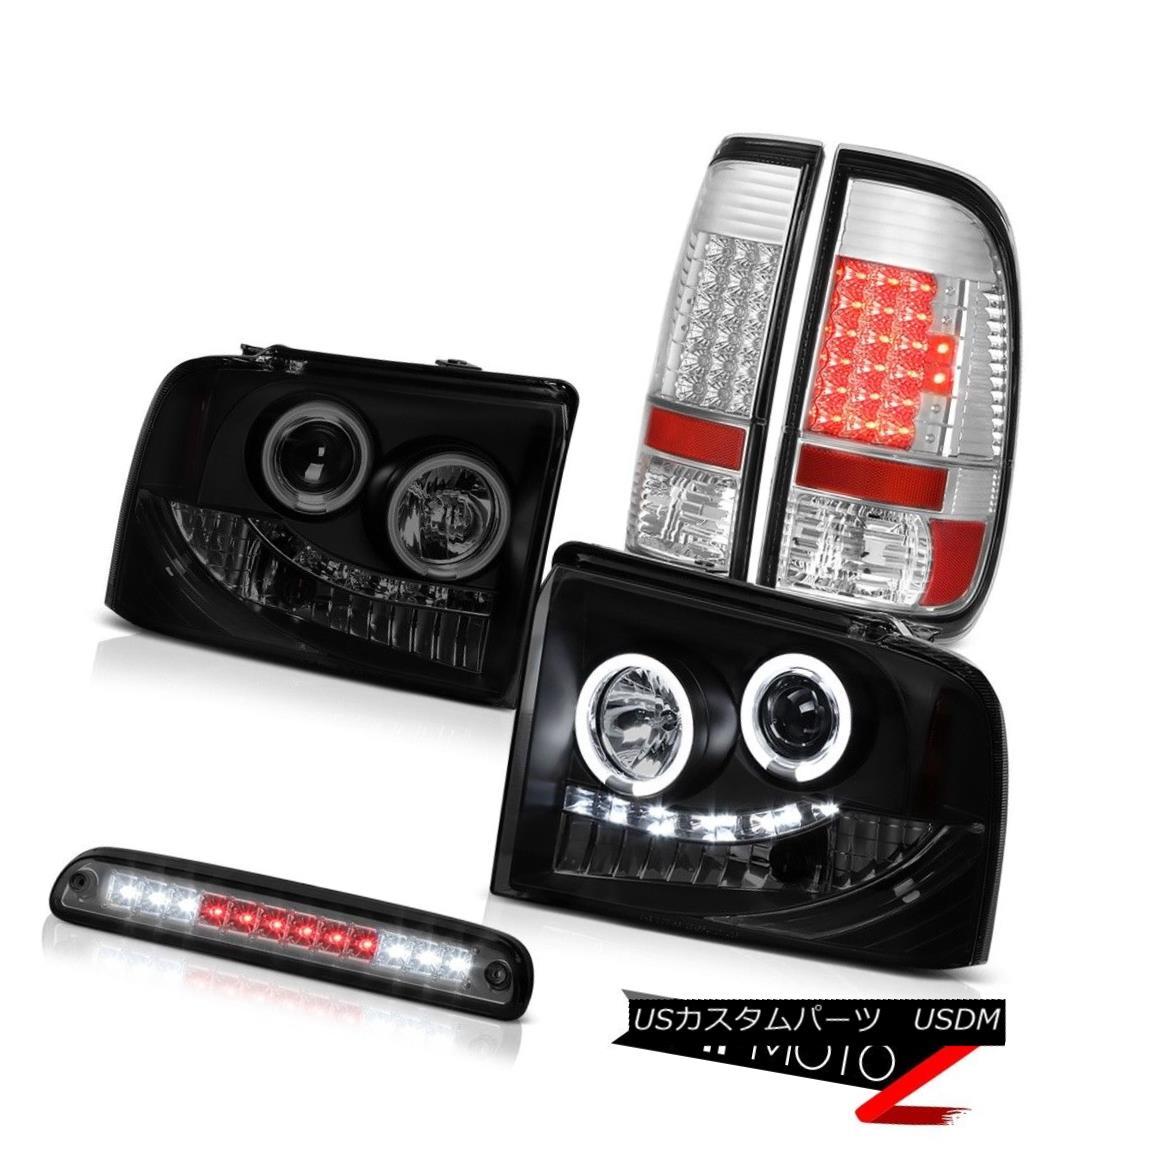 テールライト 05-07 Ford F350 SD Projector Headlight Sinister Black CCFL Halo Rim LED Taillamp 05-07 Ford F350 SDプロジェクターヘッドライトSinister Black CCFL Halo Rim LED Taillamp